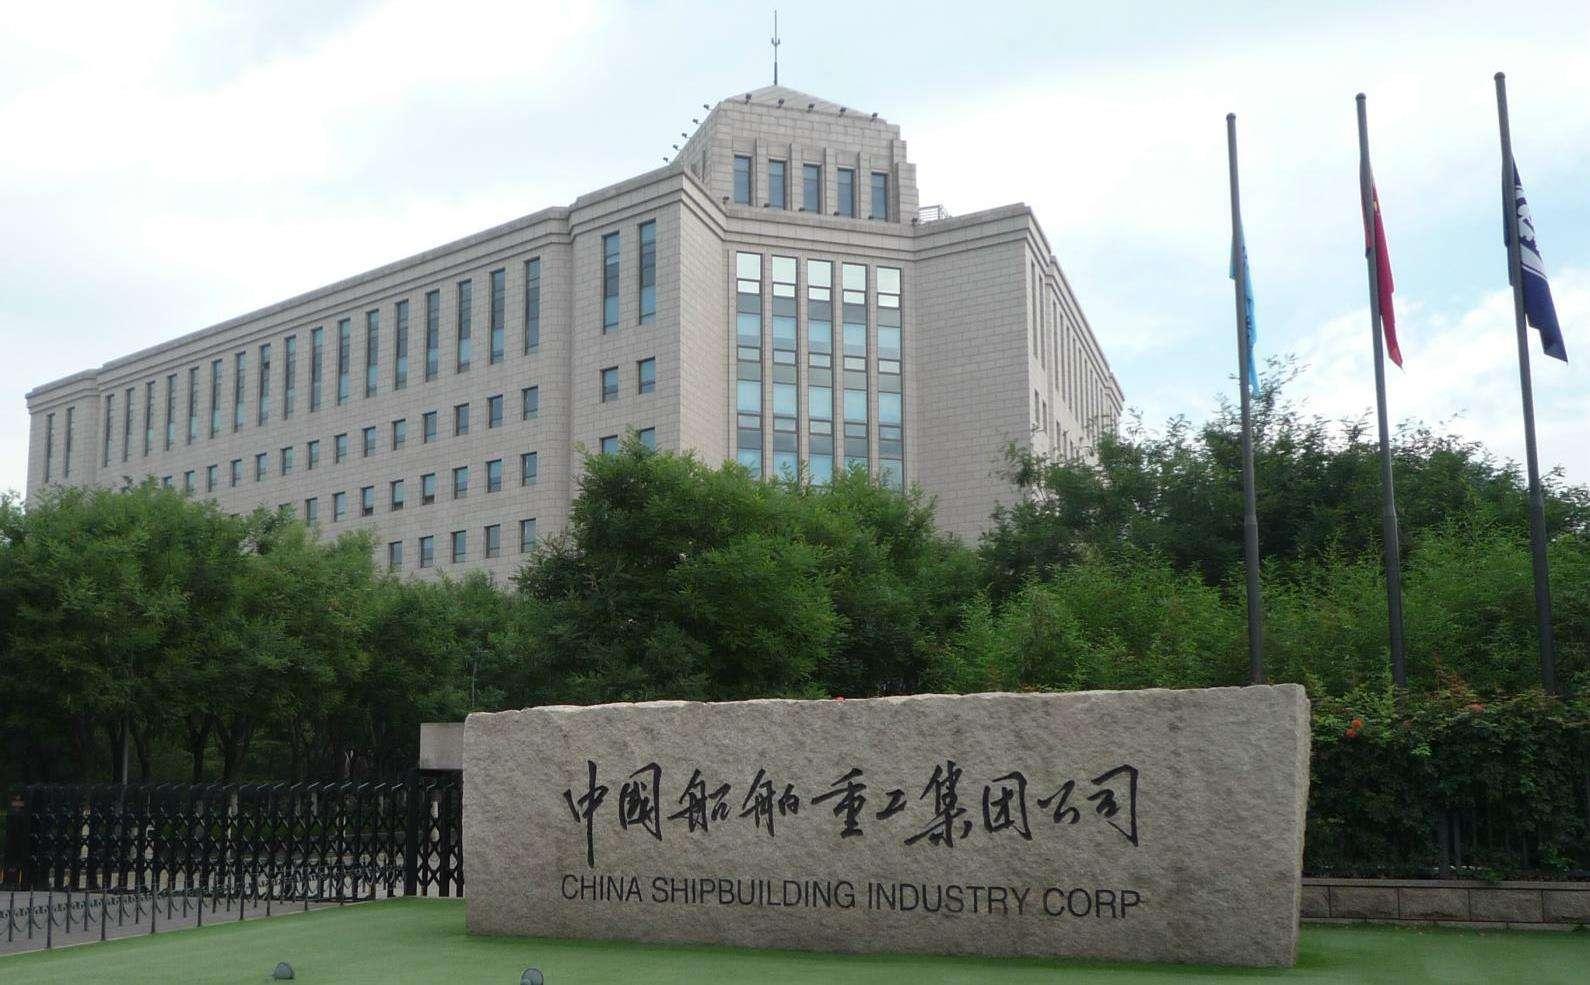 虹潤大量產品成功應用于中國船舶重工集團并獲好評